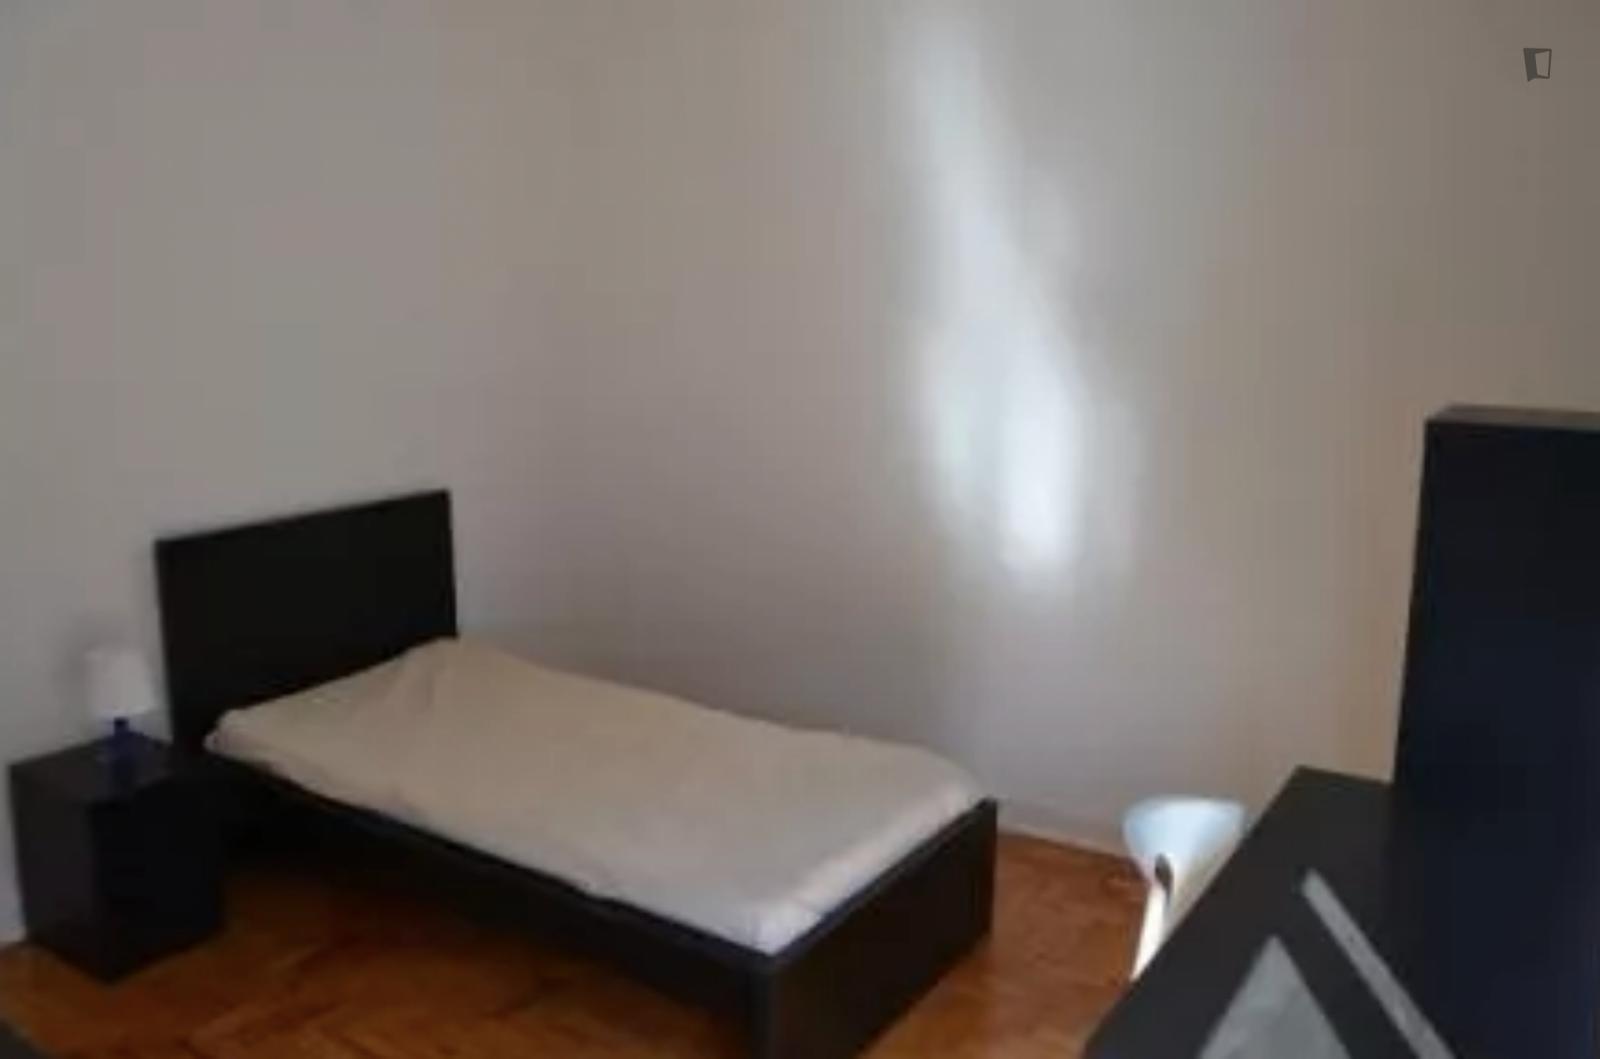 R. da Alegria, Coimbra, PT-06 - 290 EUR/ month